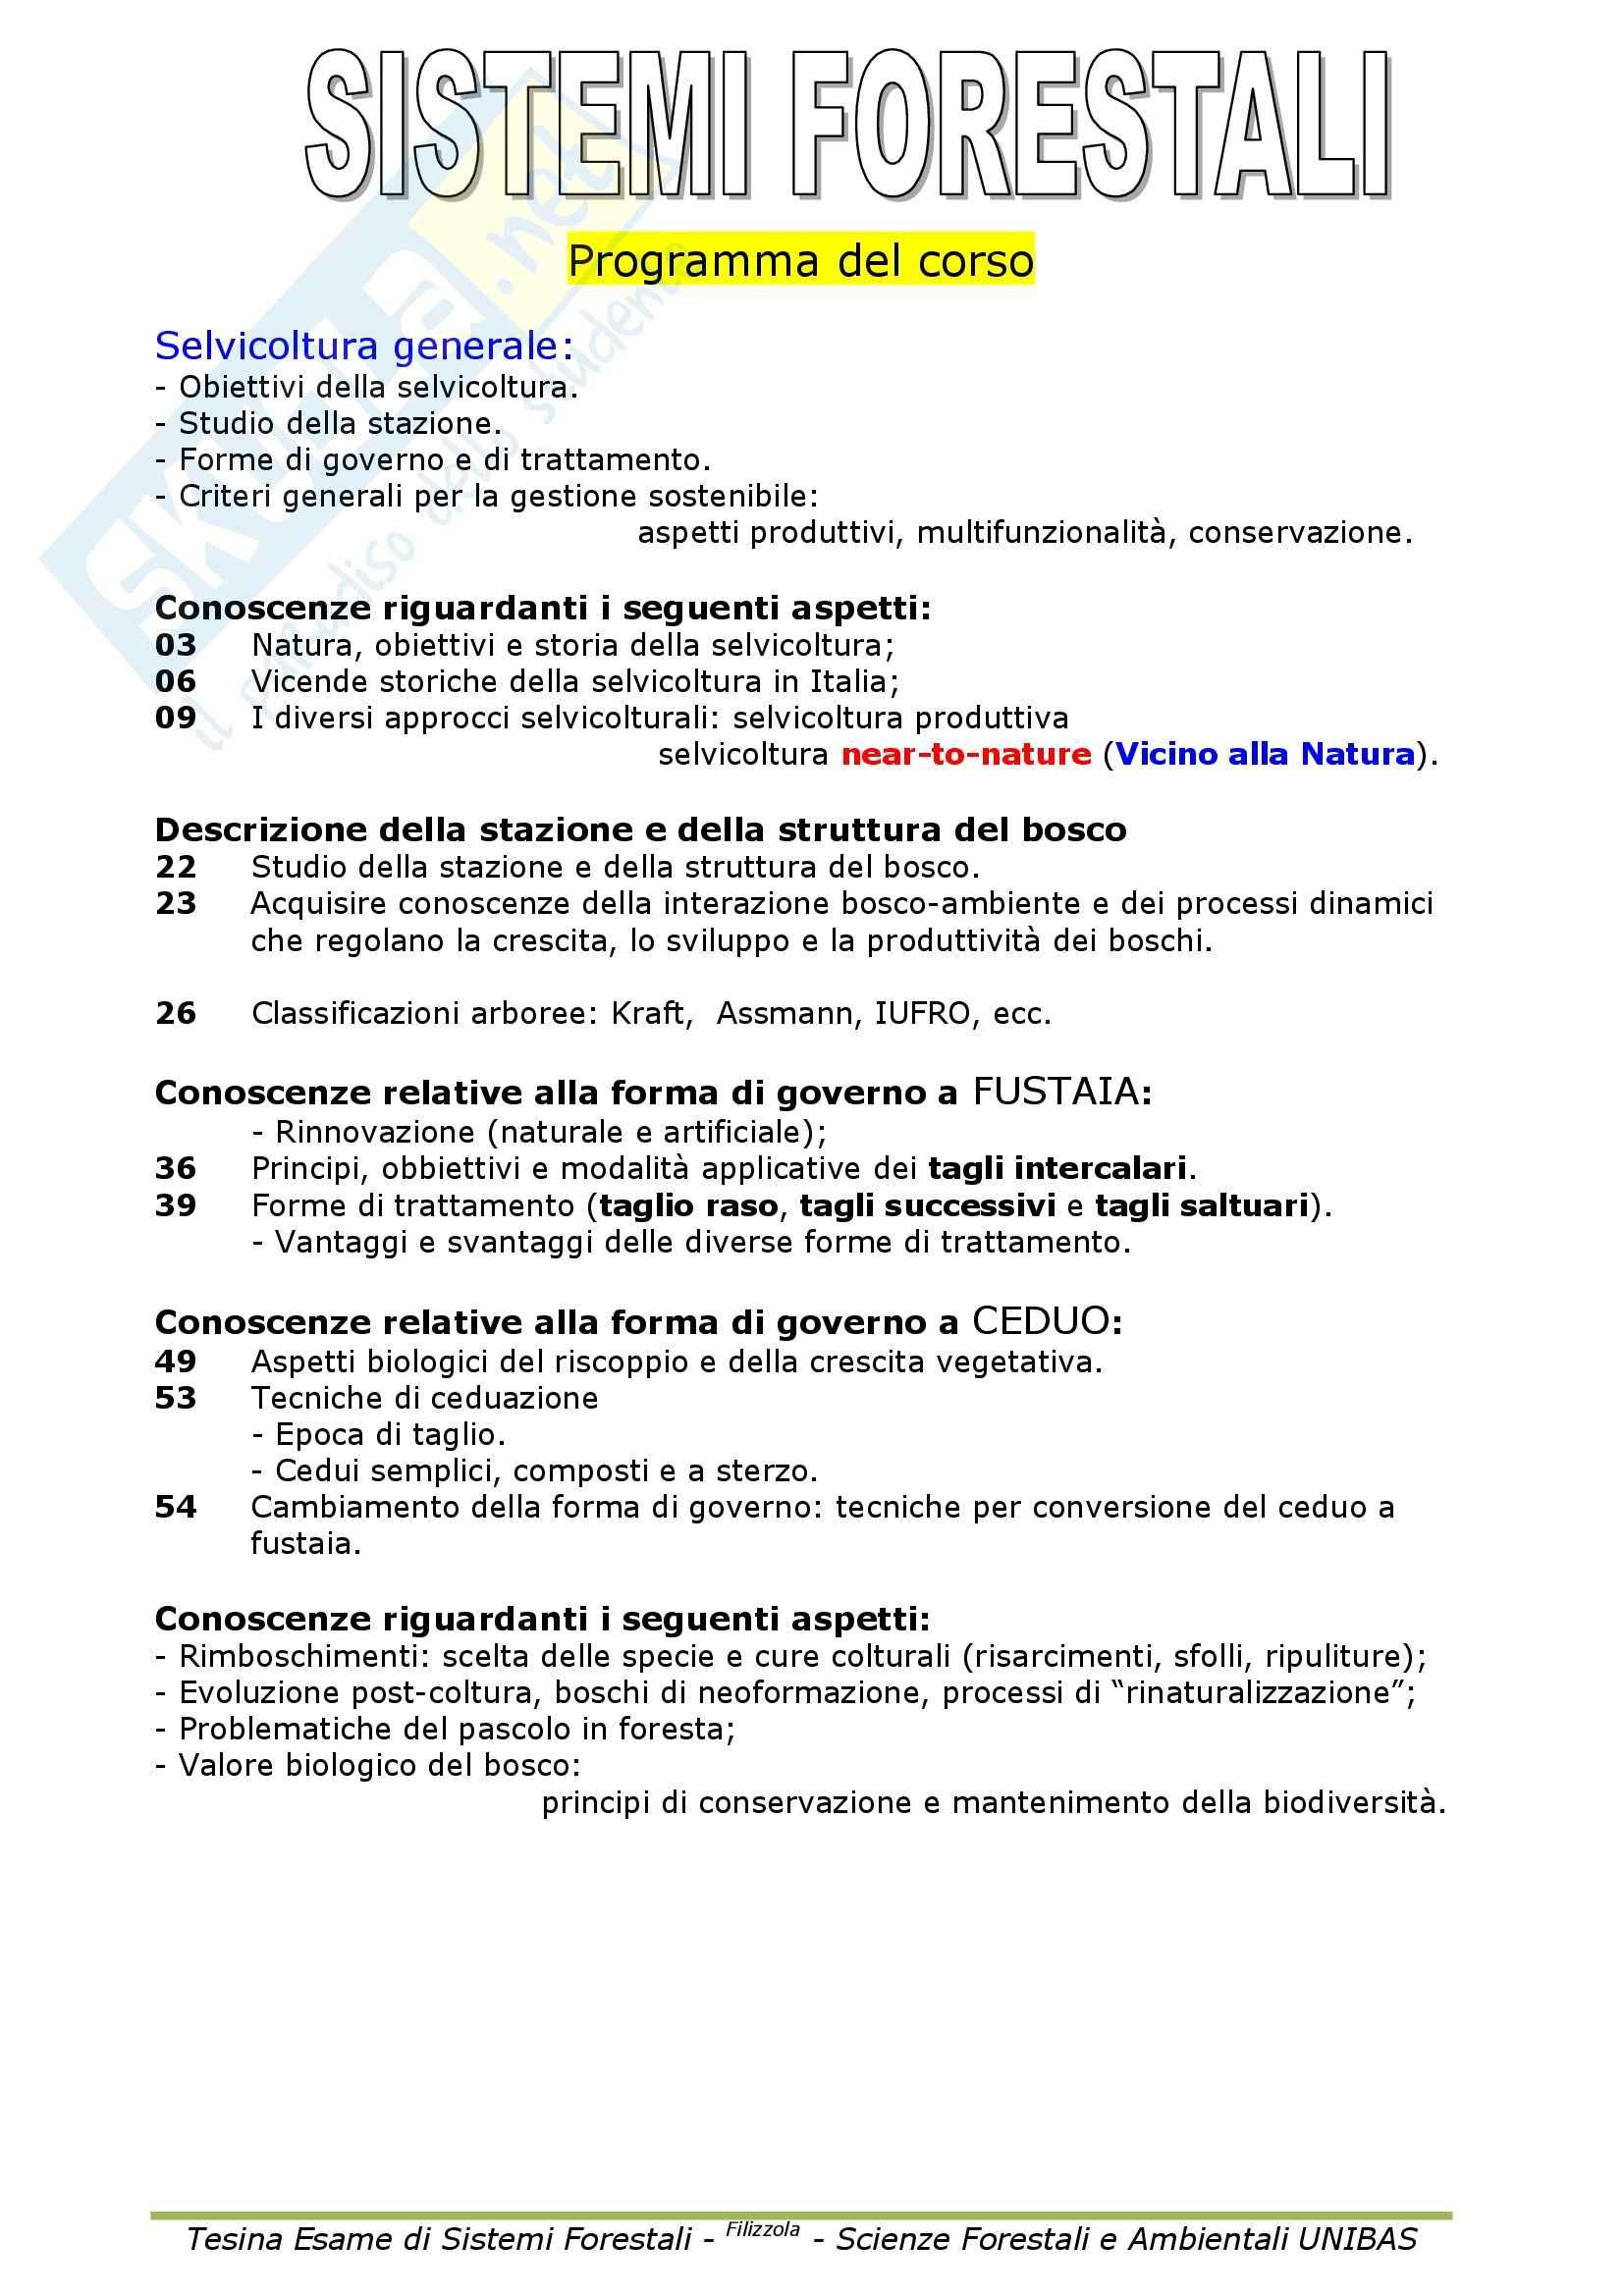 Selvicoltura generale e sistemi forestali - Appunti